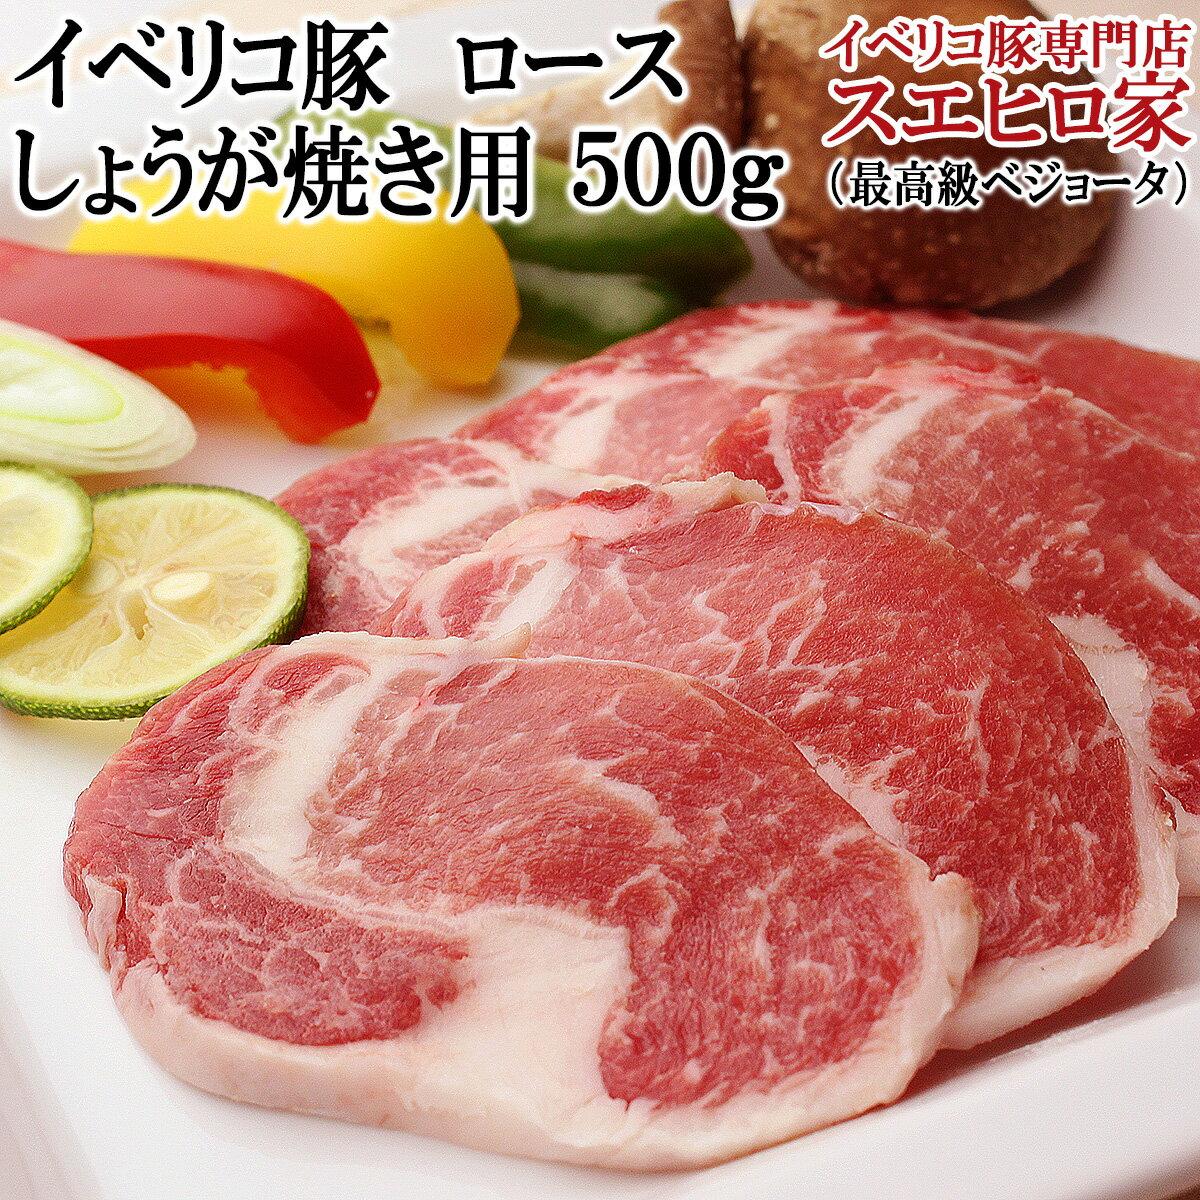 豚肉, ロース 500g(3)